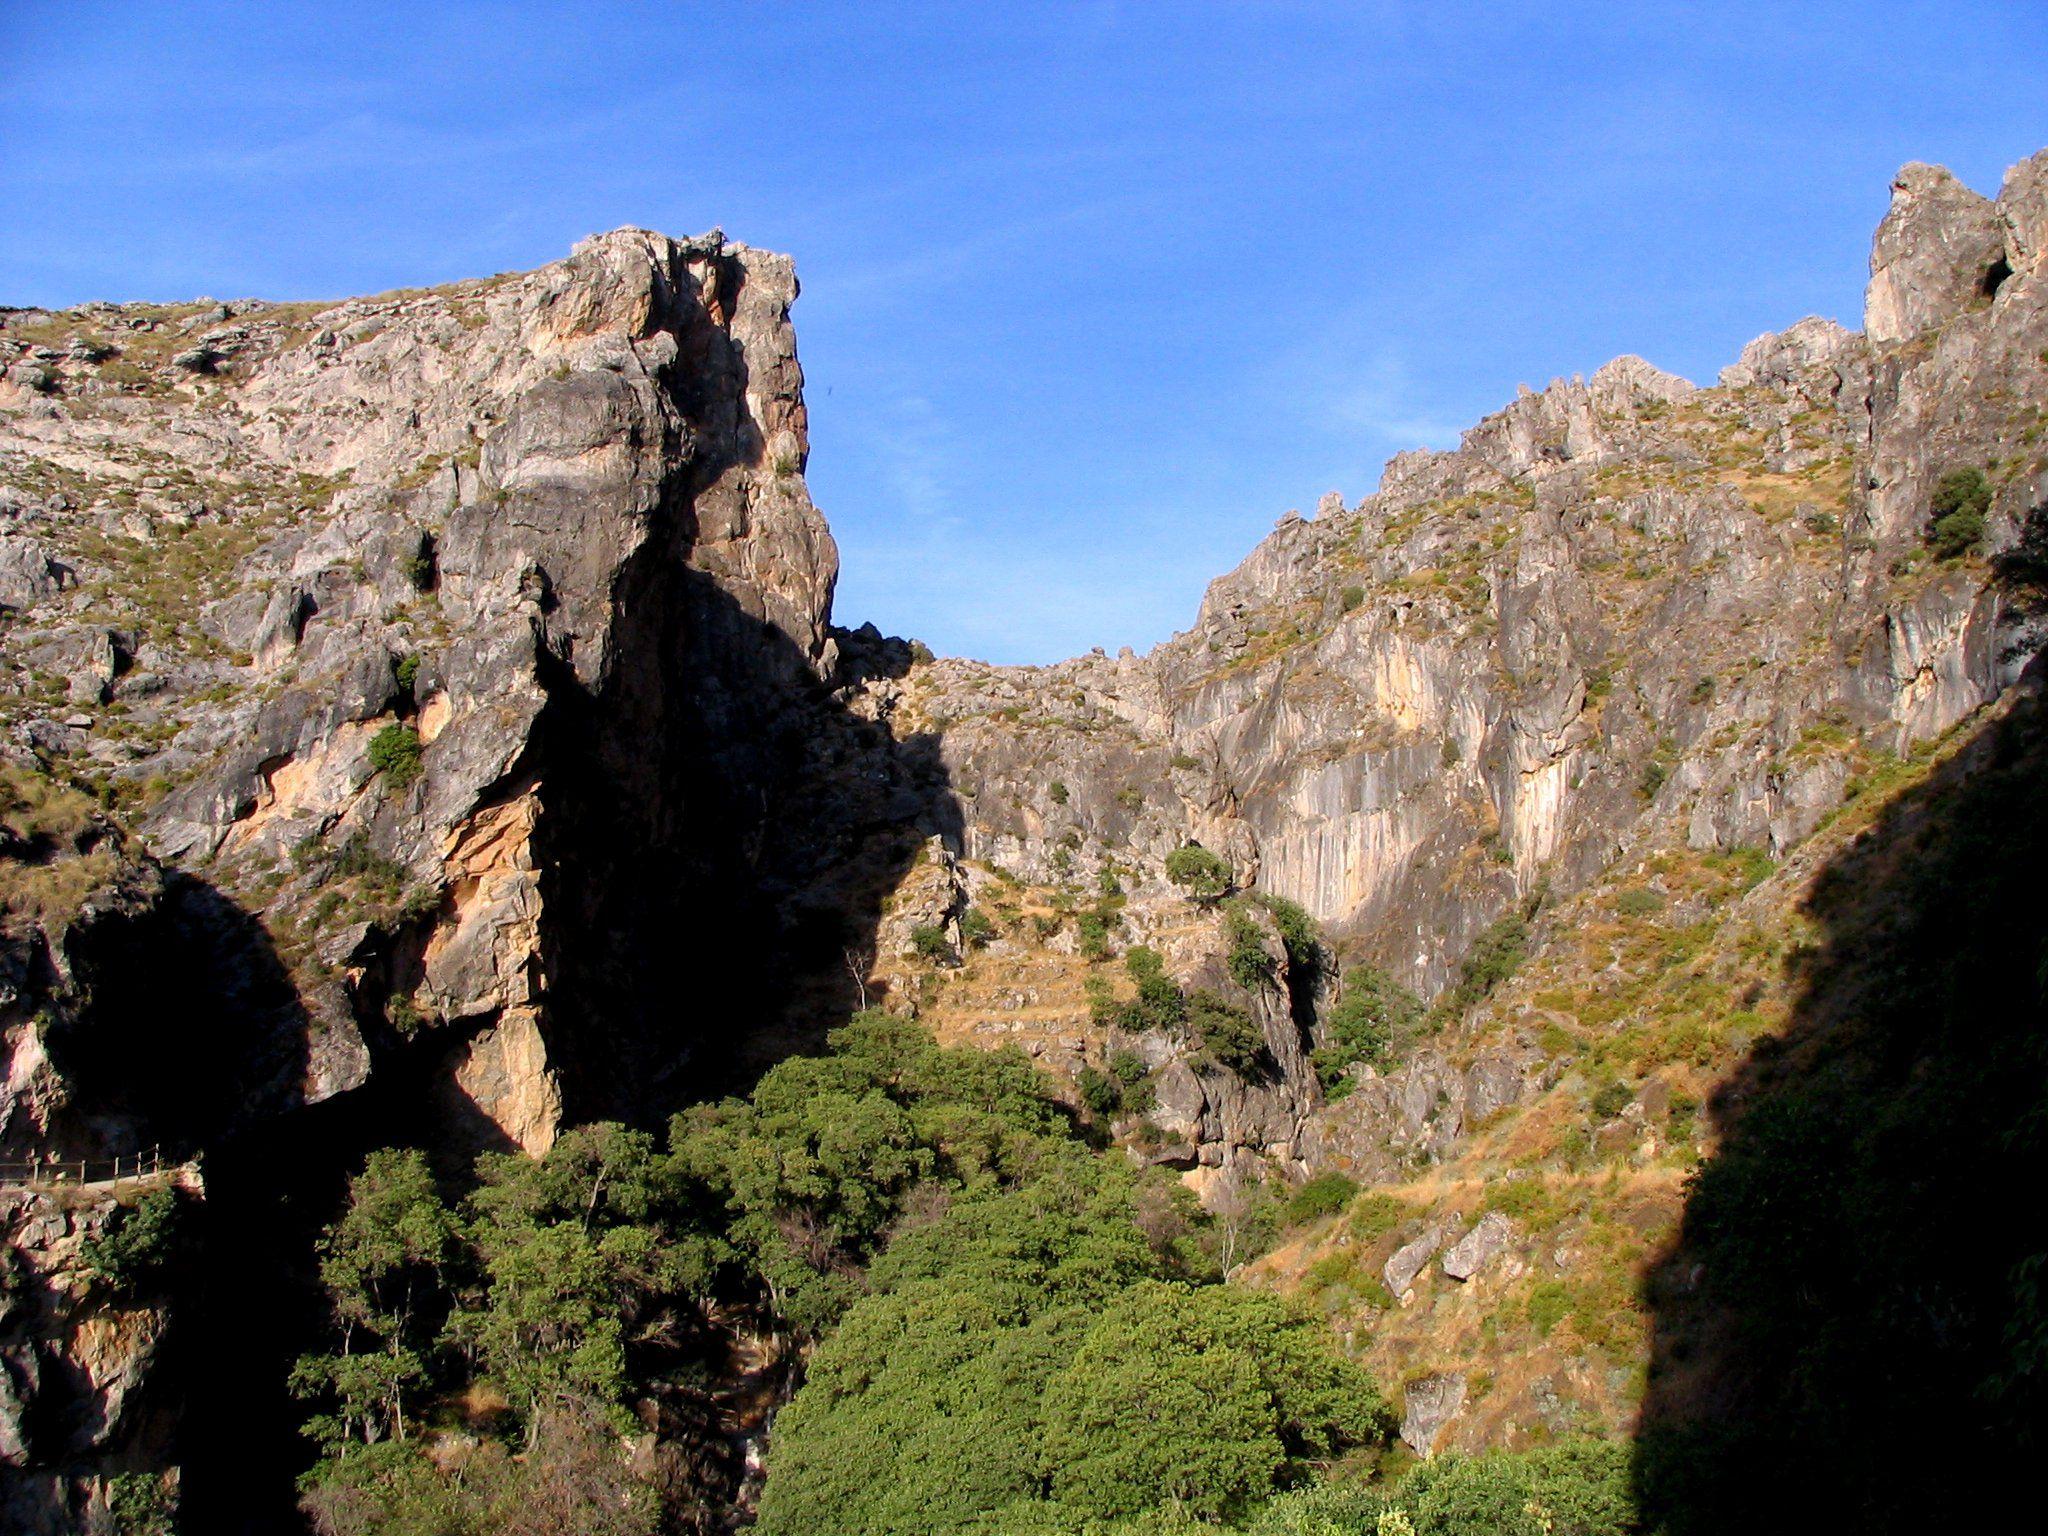 Ruta de los Cahorros en Monachil